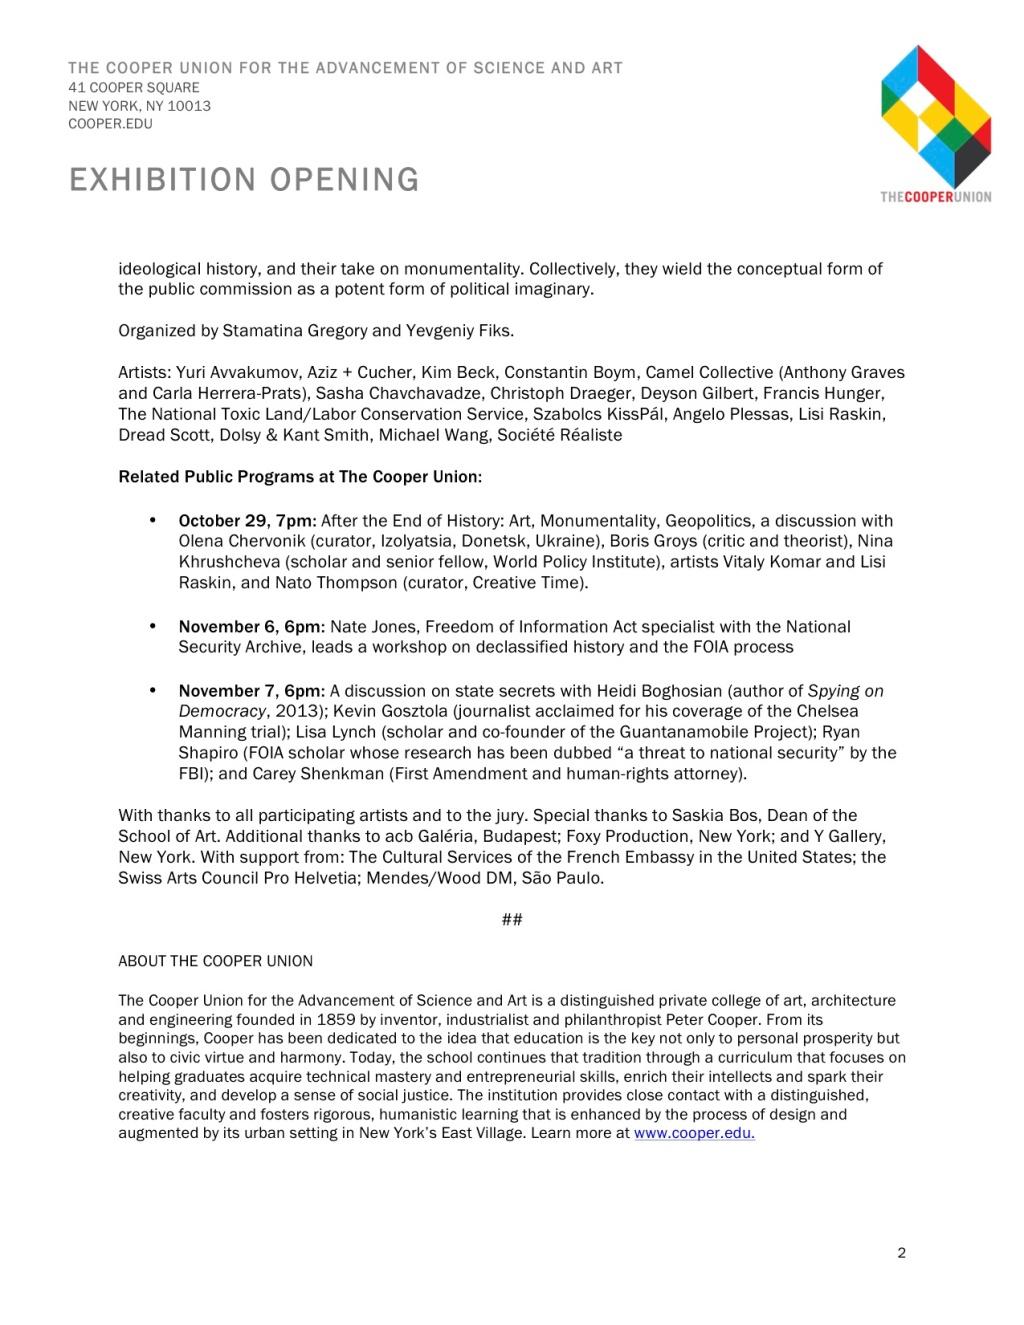 Cold War Exhibit Release-2